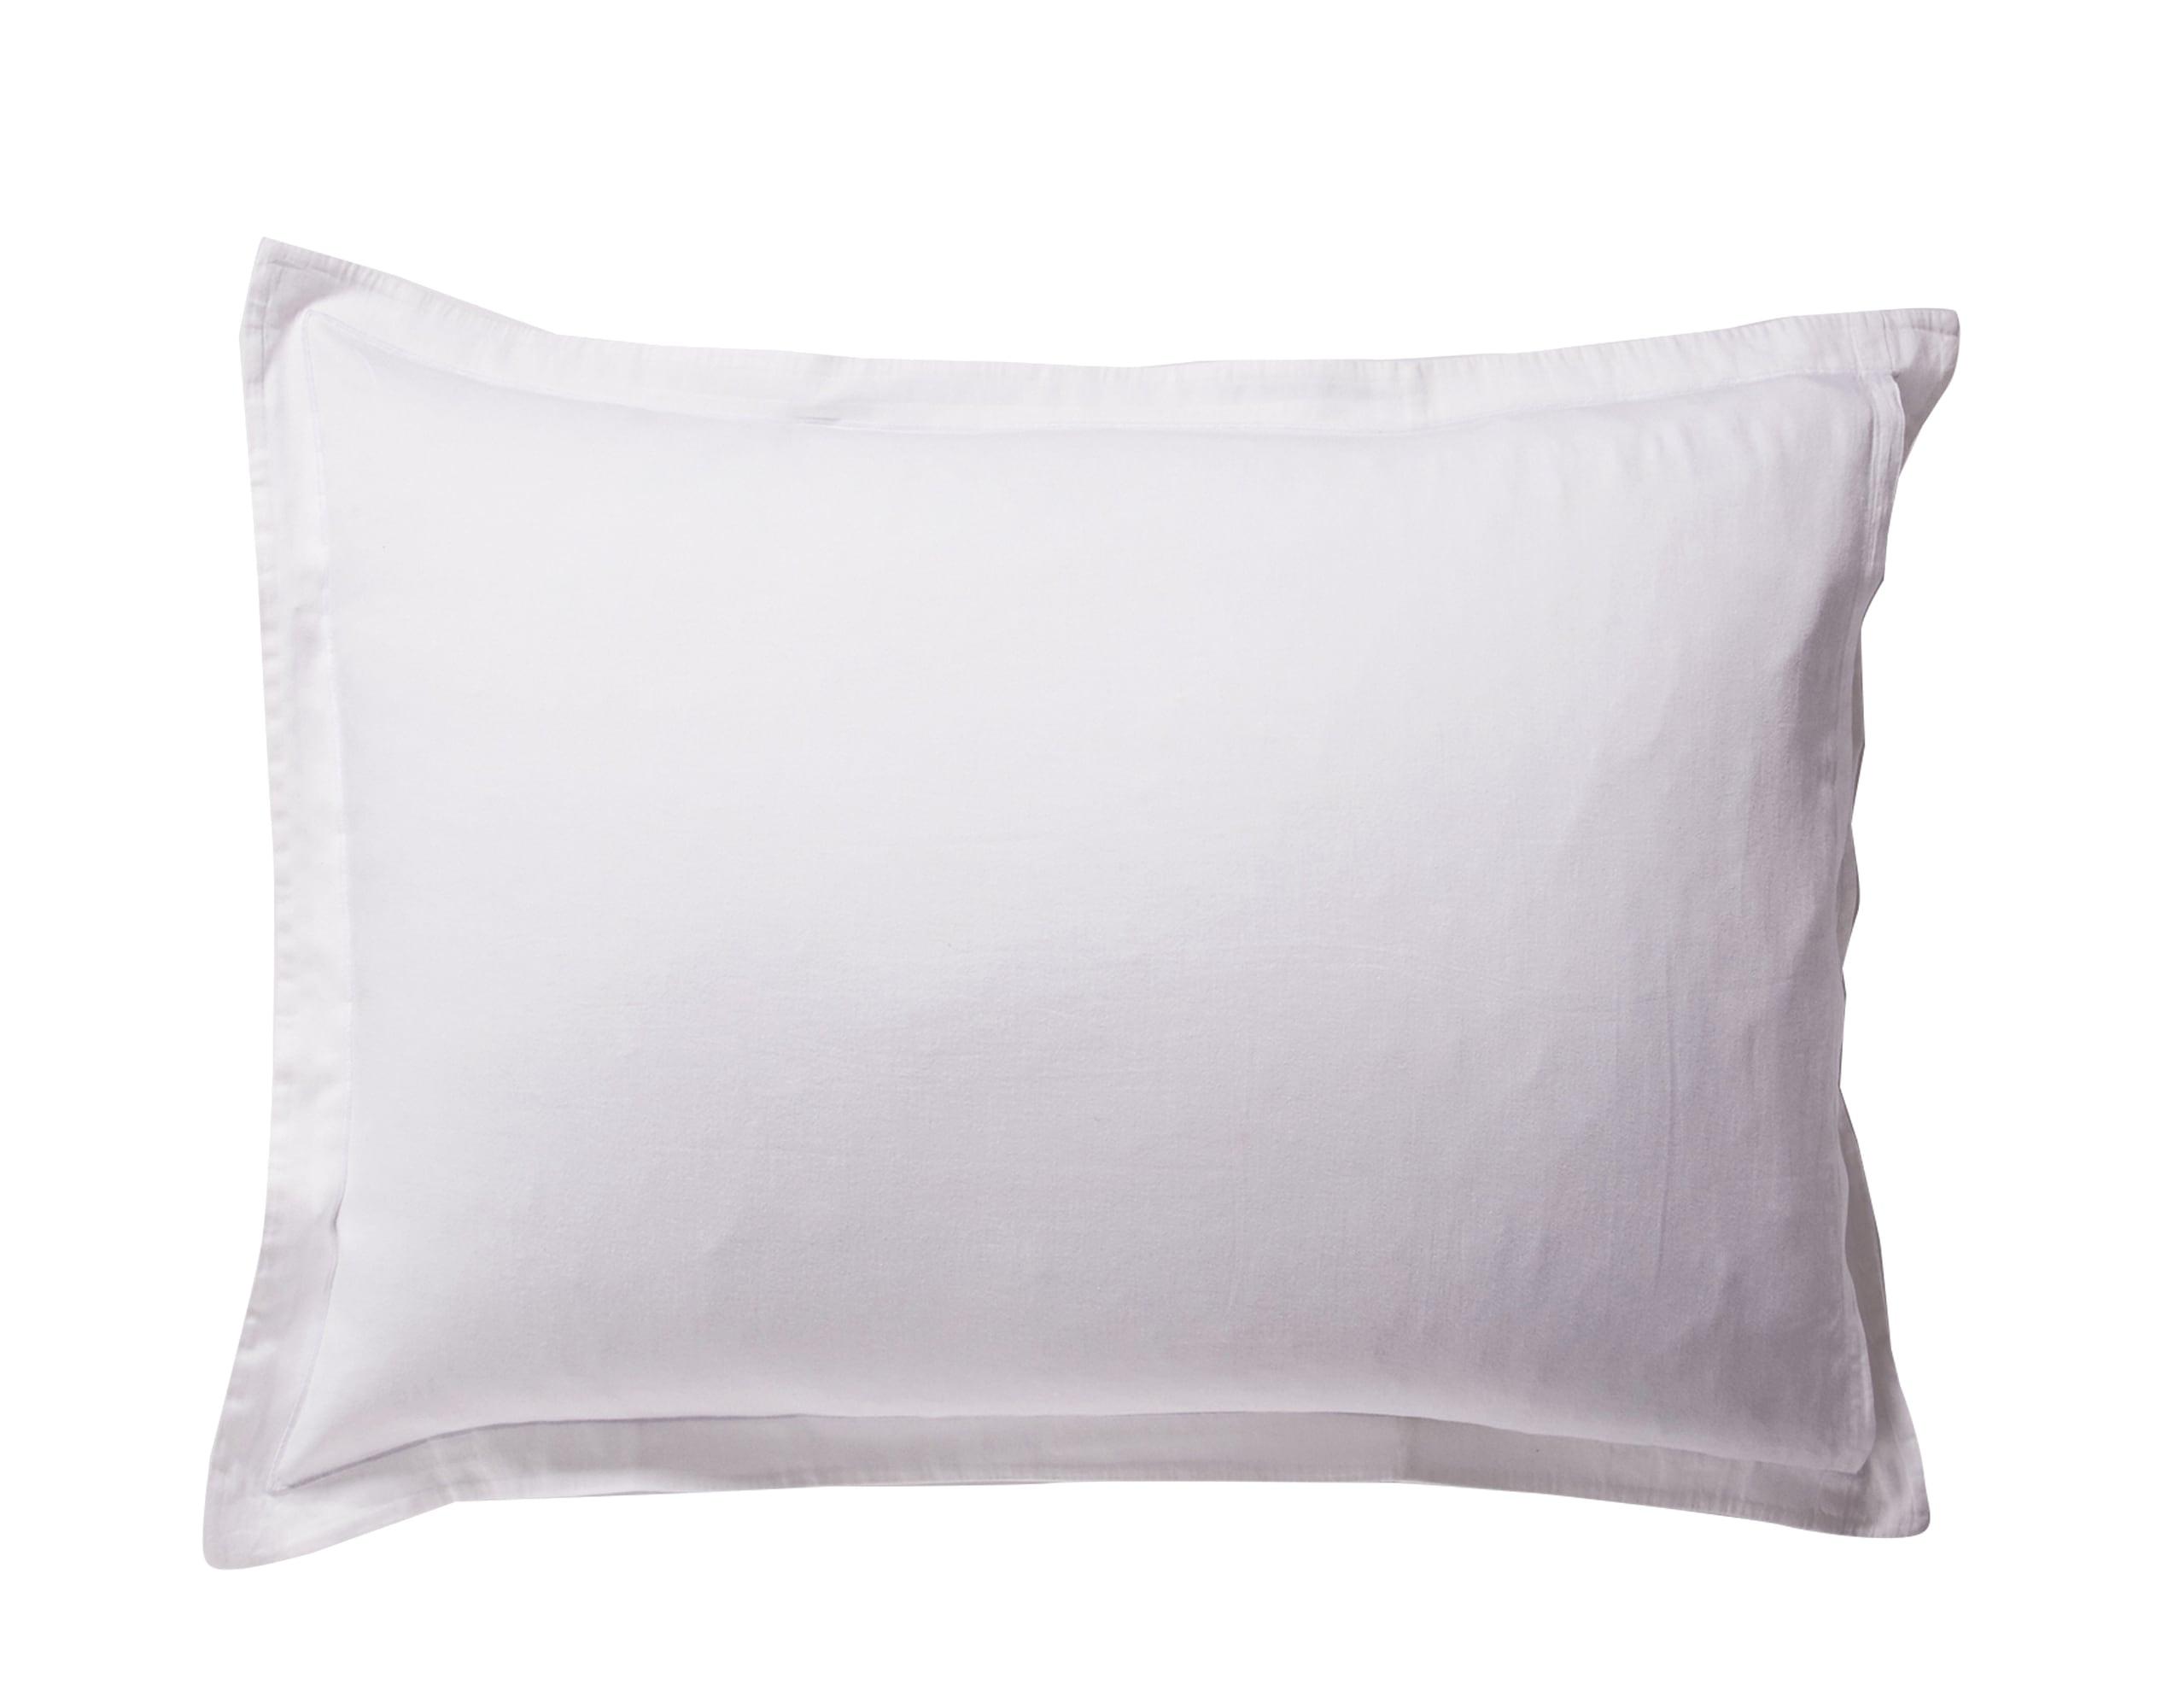 Taie d'oreiller 50x70 en percale de coton  blanc